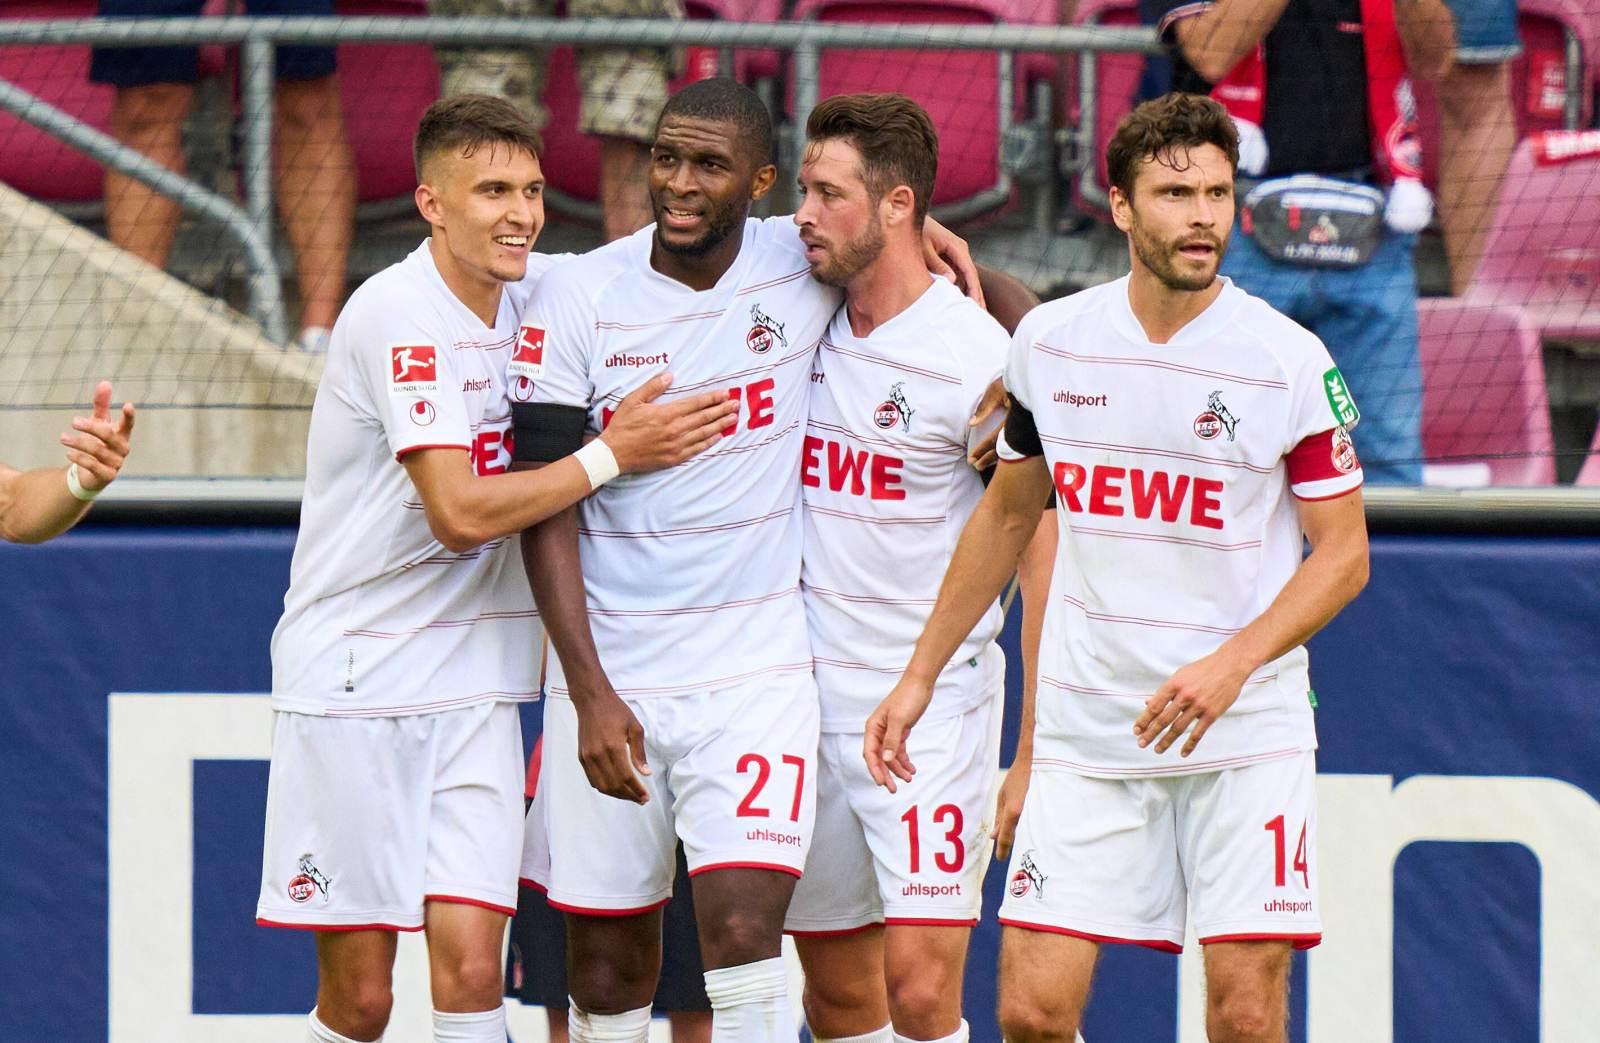 «Кёльн» - «Бохум»: прогноз и ставка на матч чемпионата Германии - 28 августа 2021